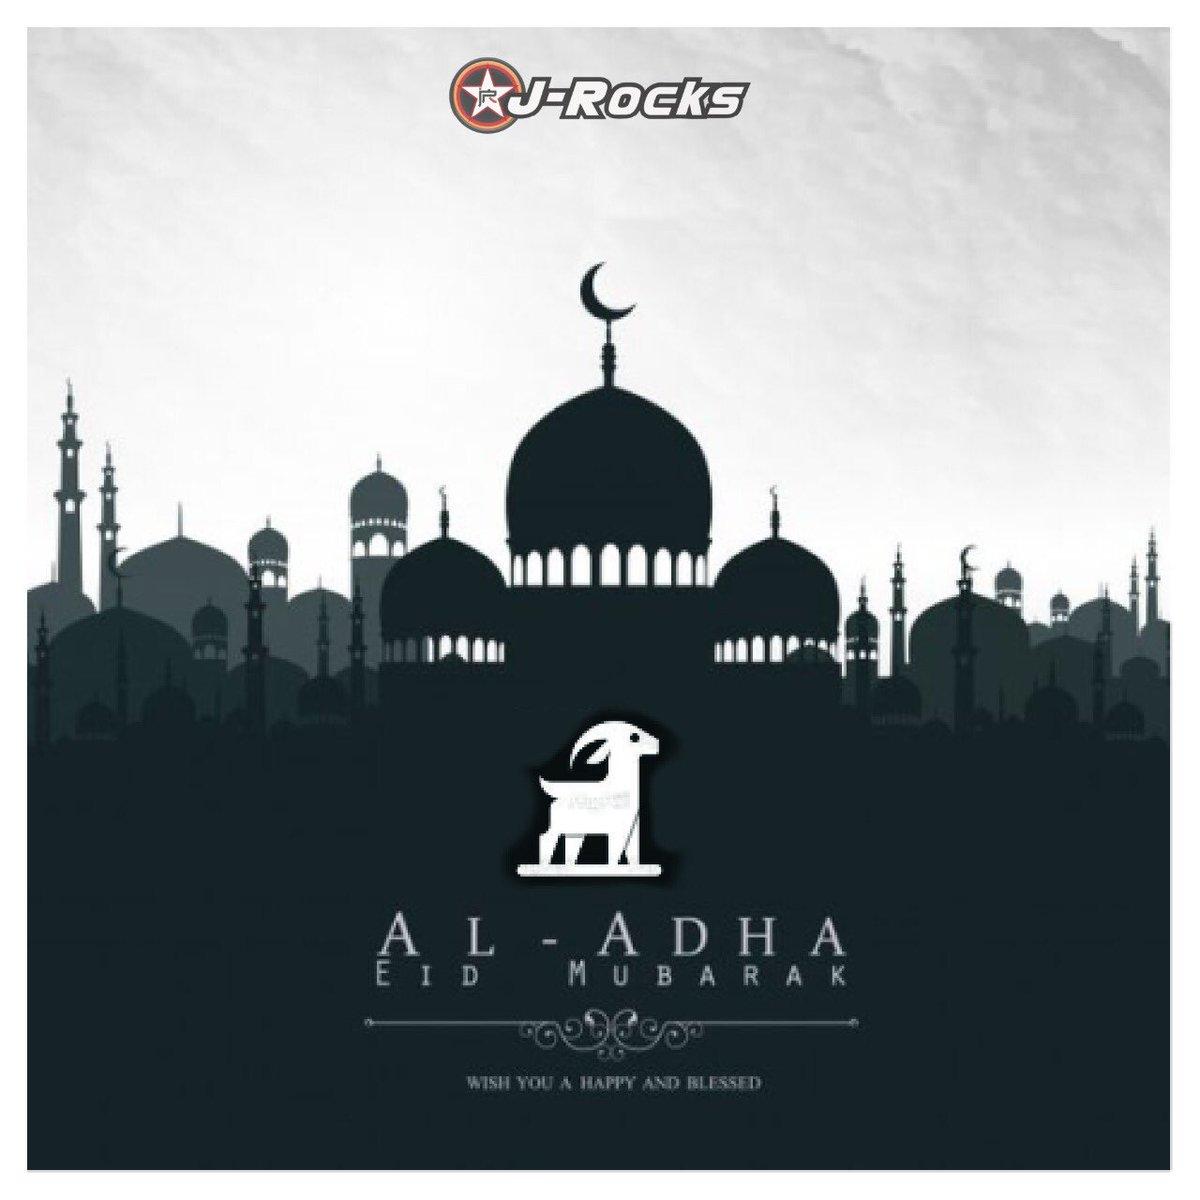 Idul Adha adalah saat untuk merayakan semangatmu dalam berkurban, harapanmu pada ampunan, dan keteguhanmu dalam beriman. Selamat Hari Raya Idul Adha, mohon maaf lahir dan batin. . #iduladha2020 https://t.co/QQSmsr8Y6R